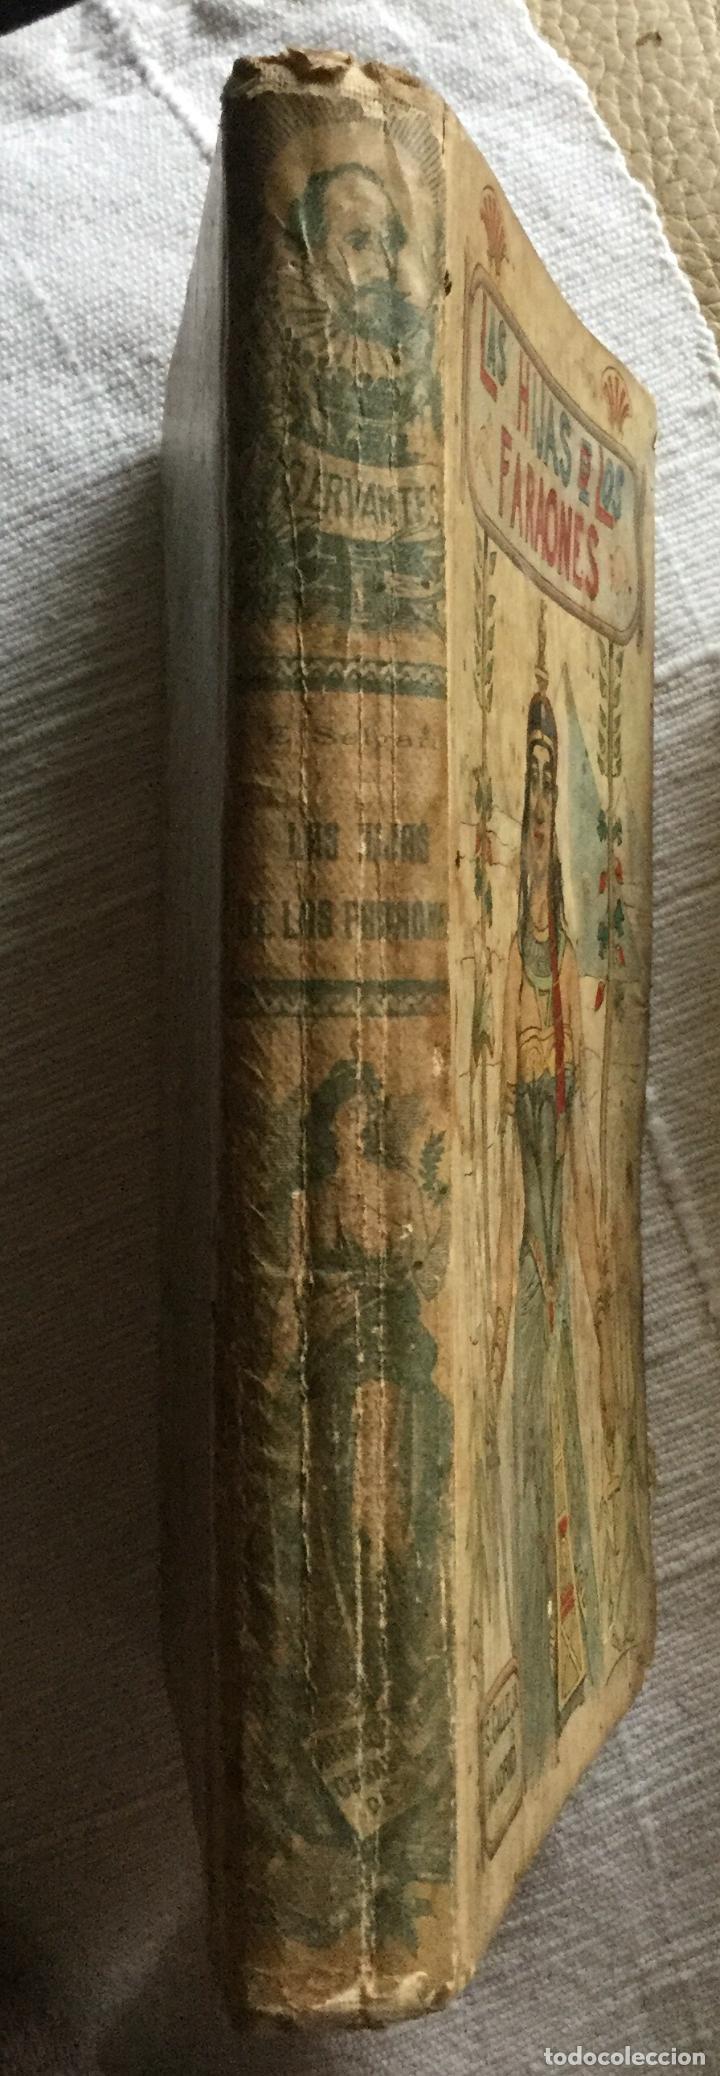 Libros antiguos: LAS HIJAS DE LOS FARAONES - S. CALLEJA - EMILIO SALGARI - 252p. 17x12 - Foto 5 - 234739700